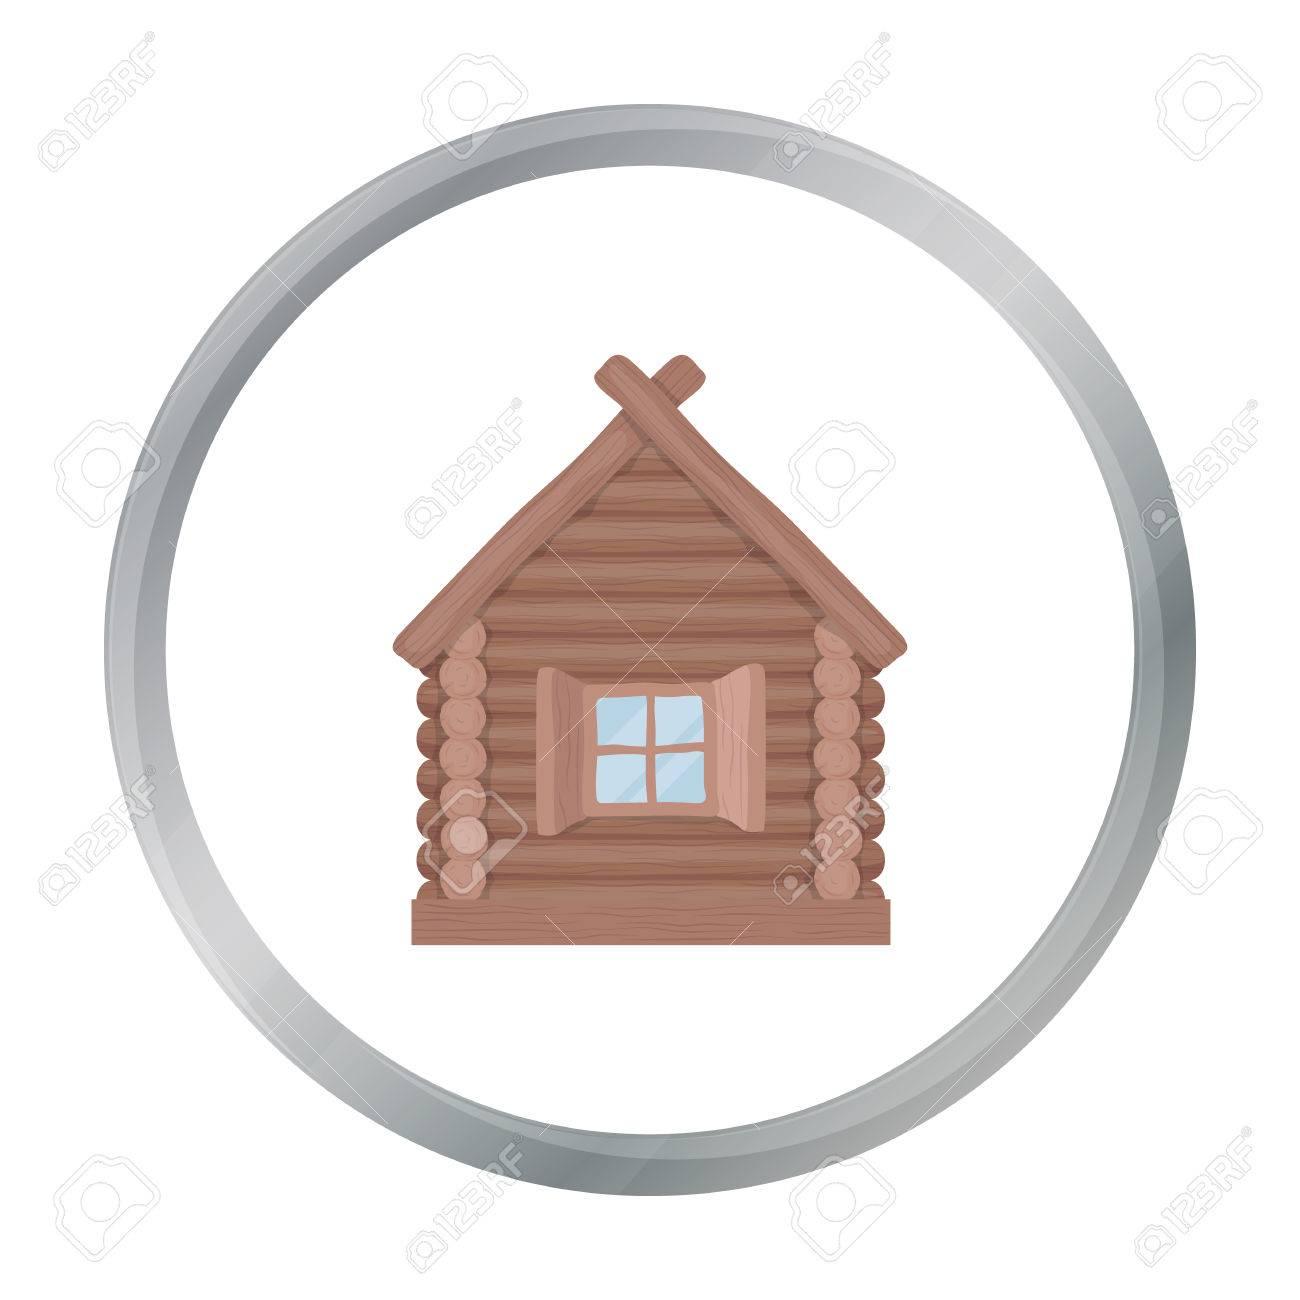 Icono De Casa De Madera En Estilo De Dibujos Animados Aislado Sobre